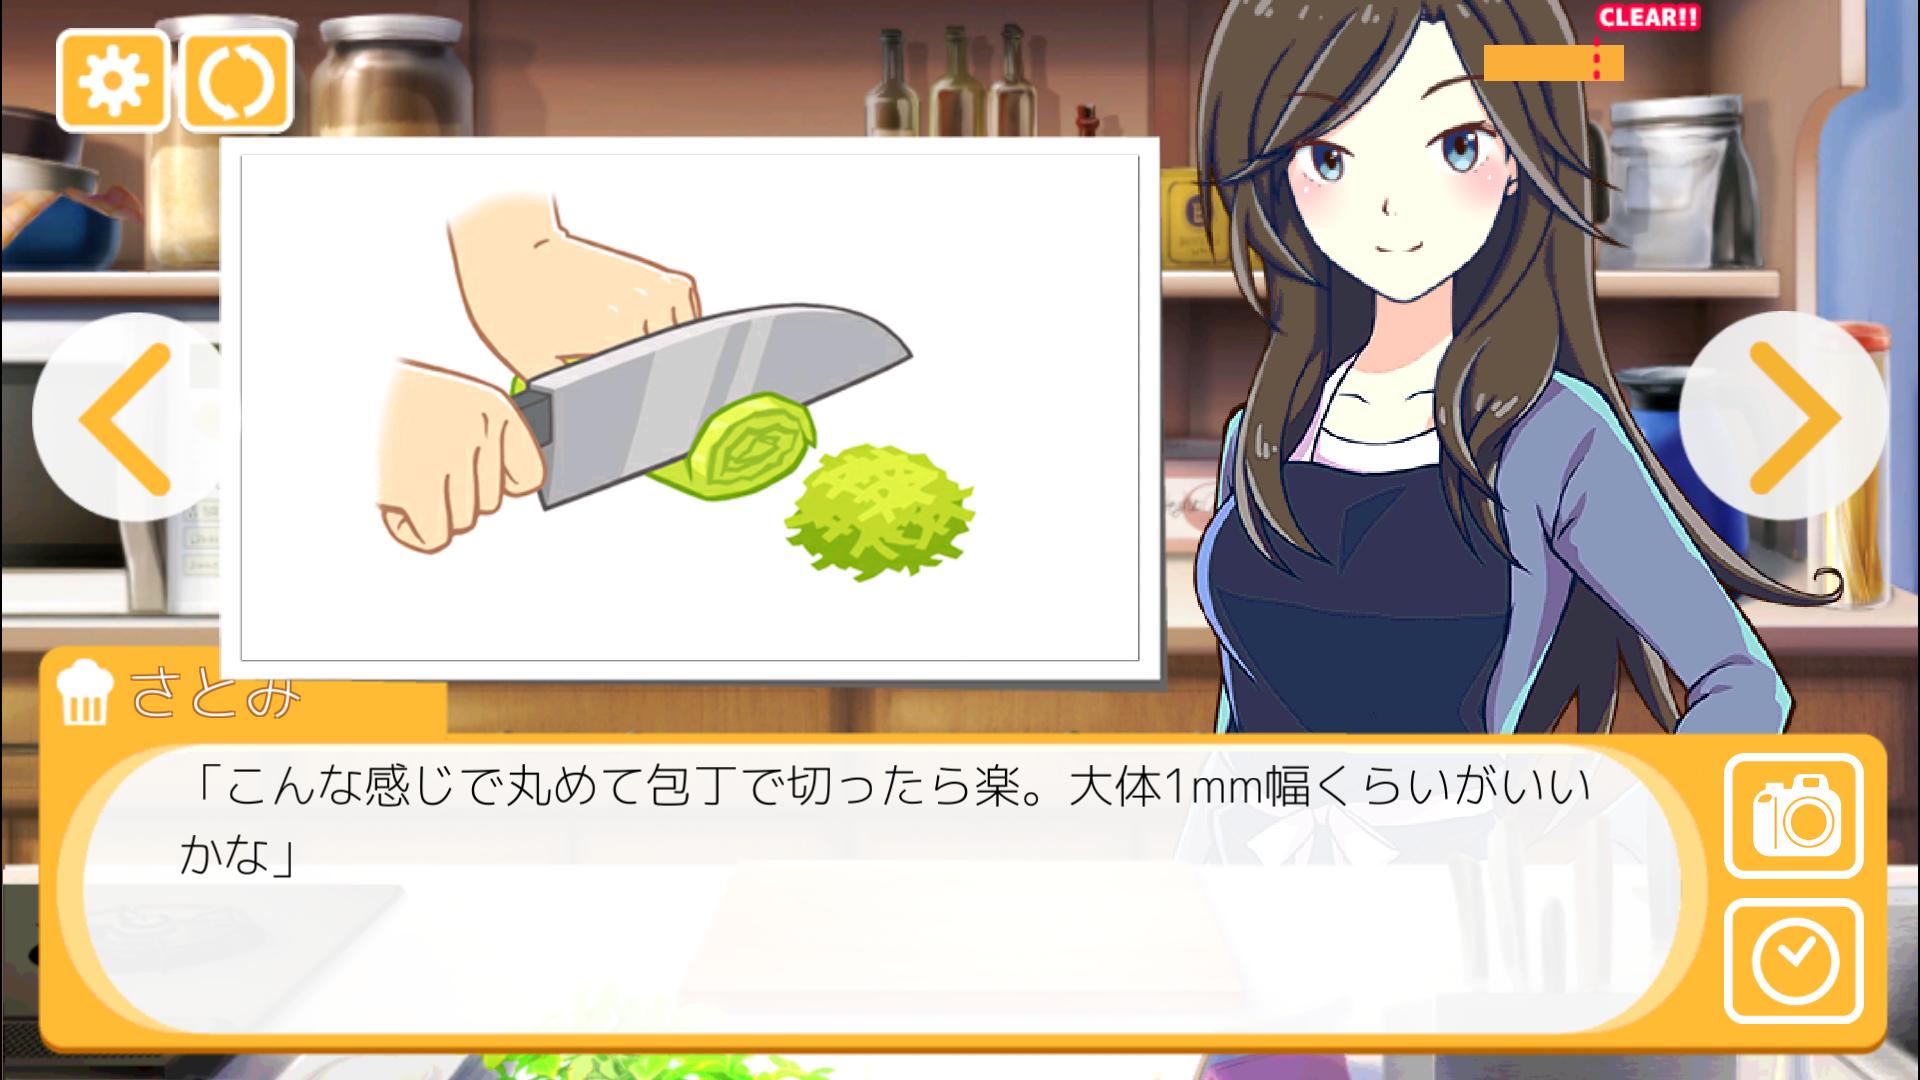 ごちそう!-料理が学べるゲームアプリ- androidアプリスクリーンショット3